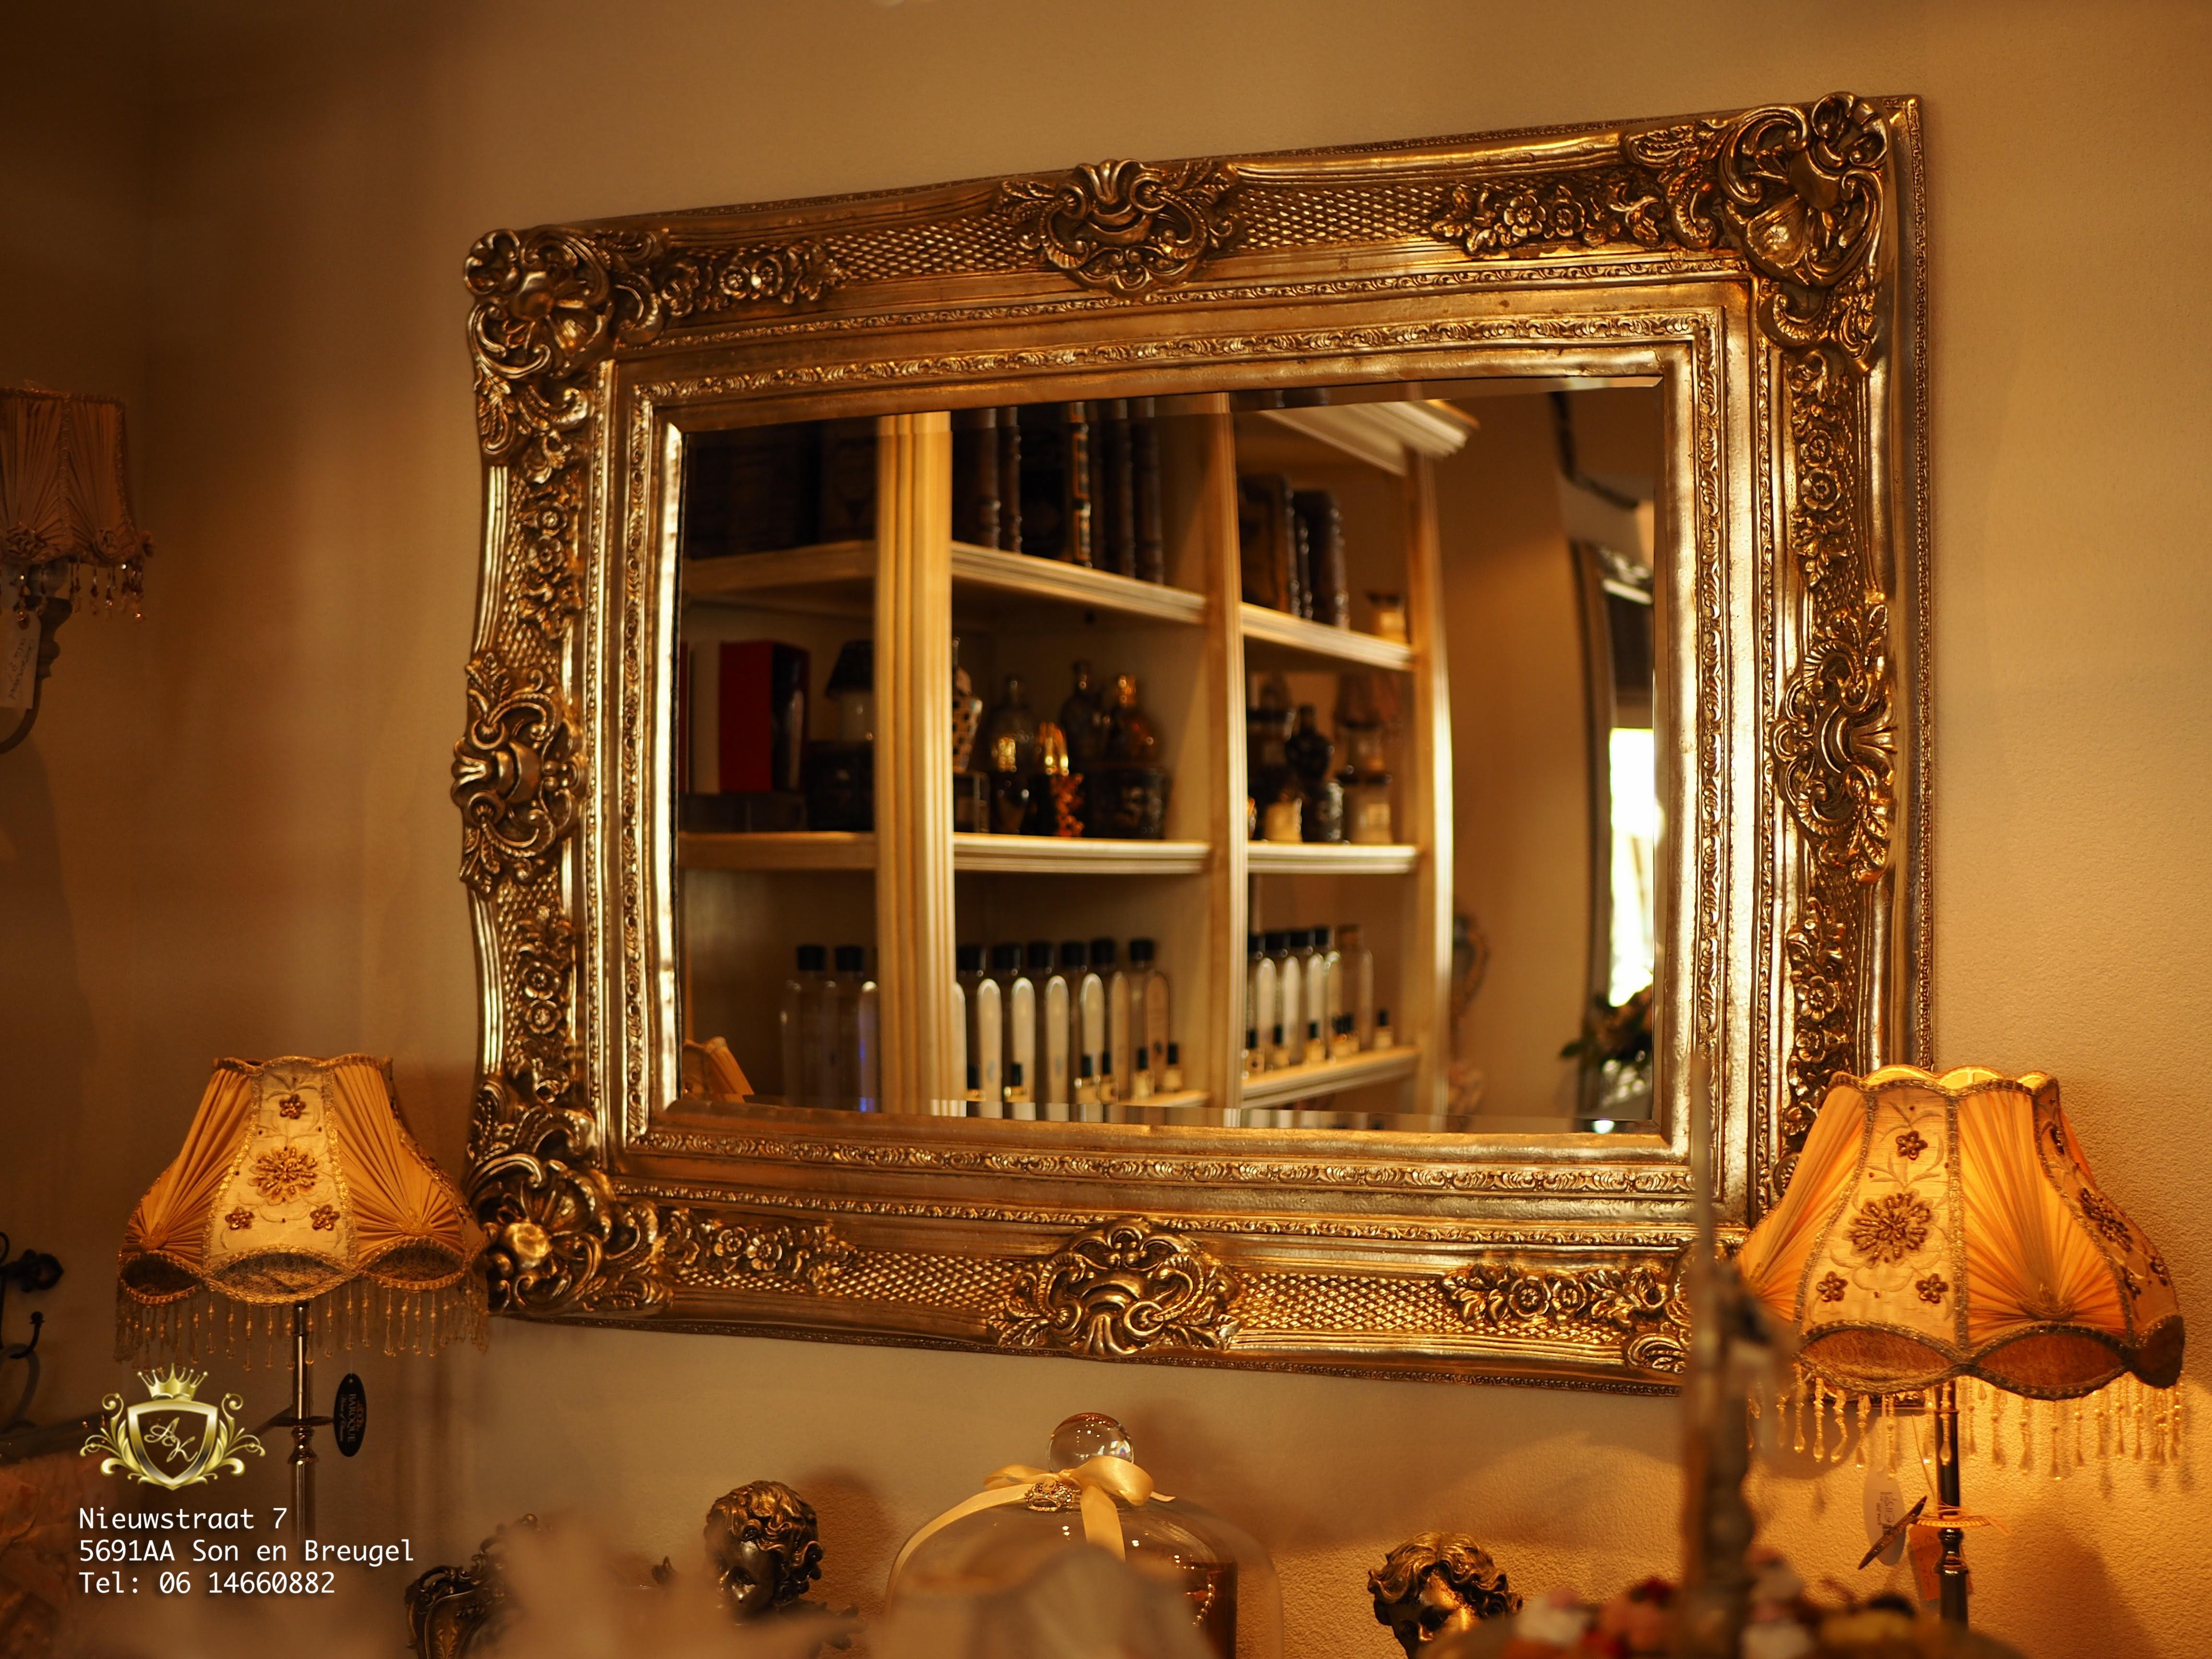 Gouden Barok Spiegel : Barok spiegel zilver angelas kroonjuweeltje